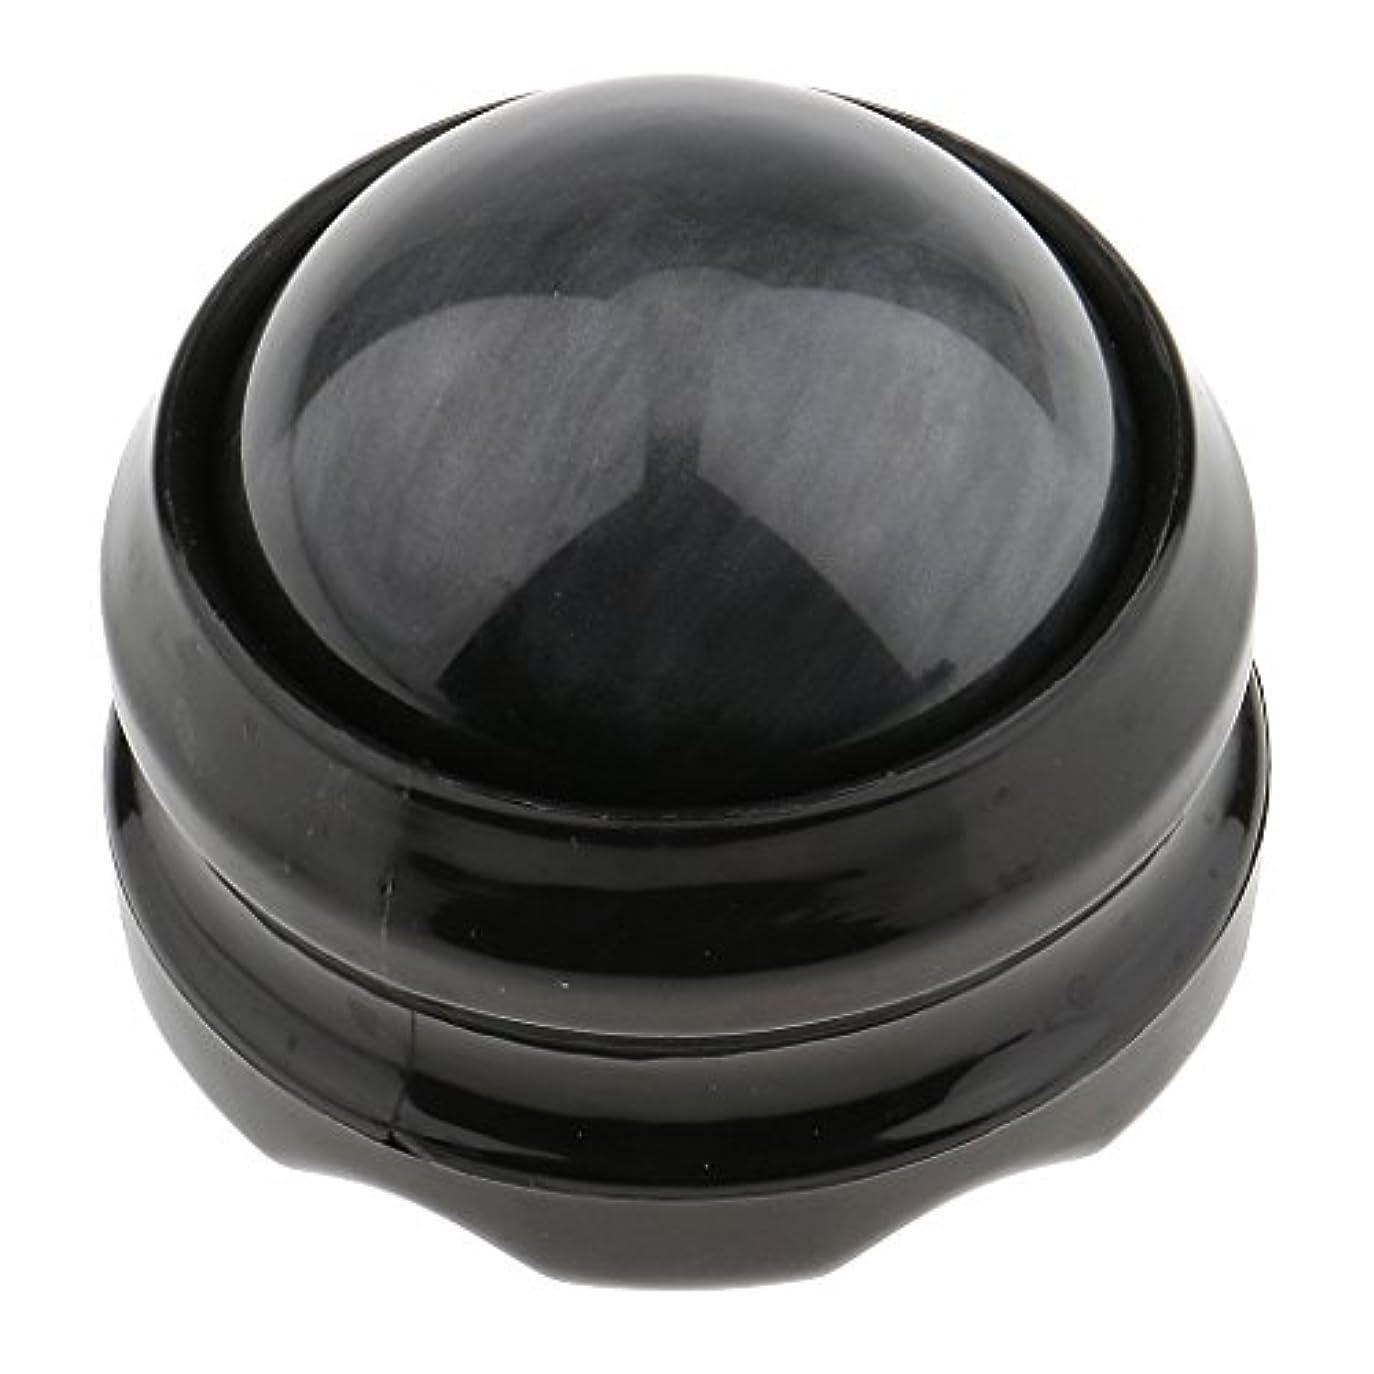 気づく音声学資産マッサージ ローラーボール ボディ バック ネック フット セルフマッサージ ツール 自宅 オフィス 旅行 グレーブラック